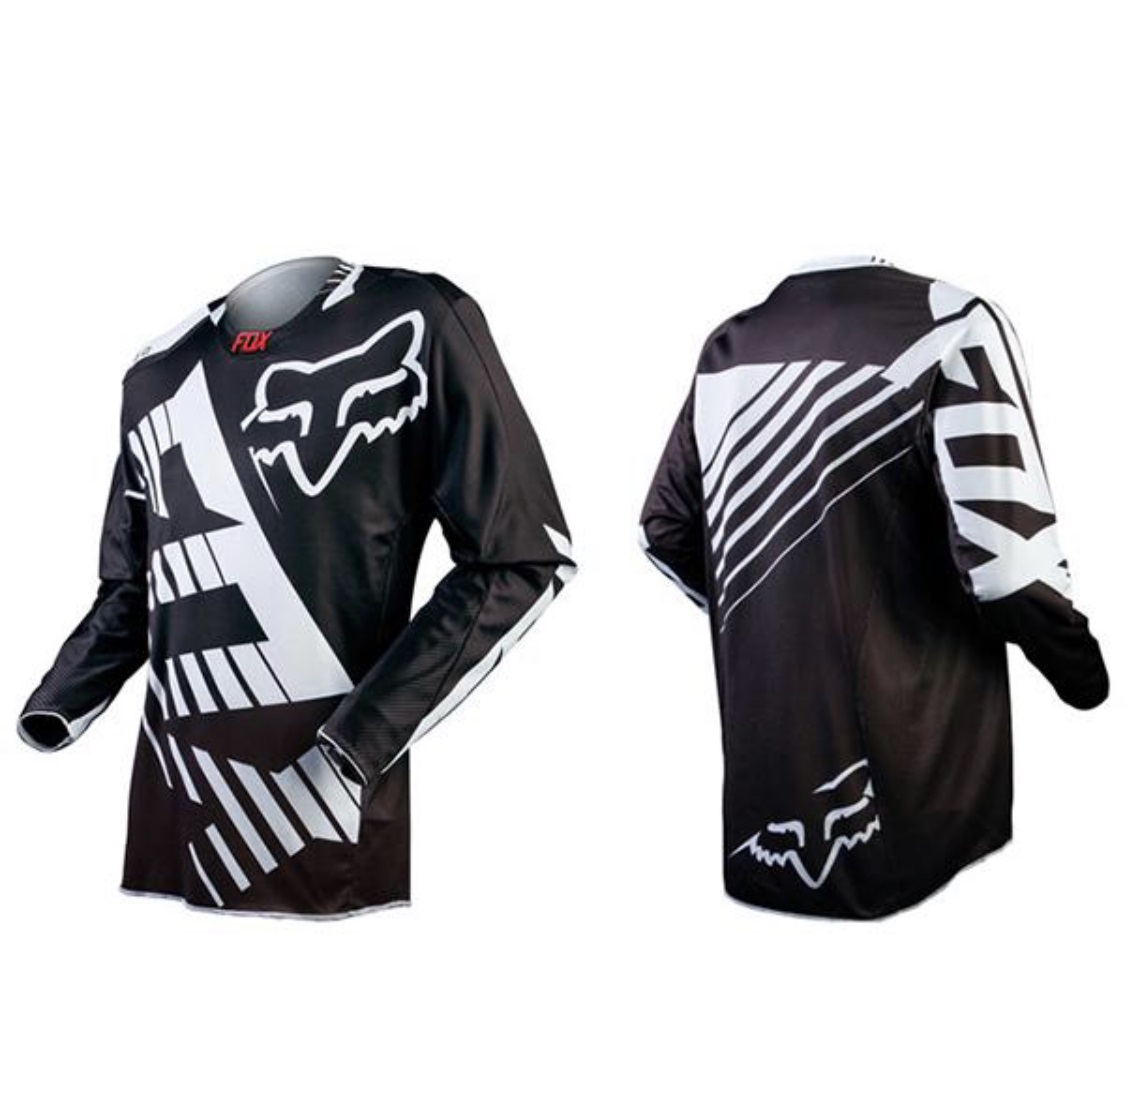 ff9bccf3b19 Motodres FOX černo-bílý